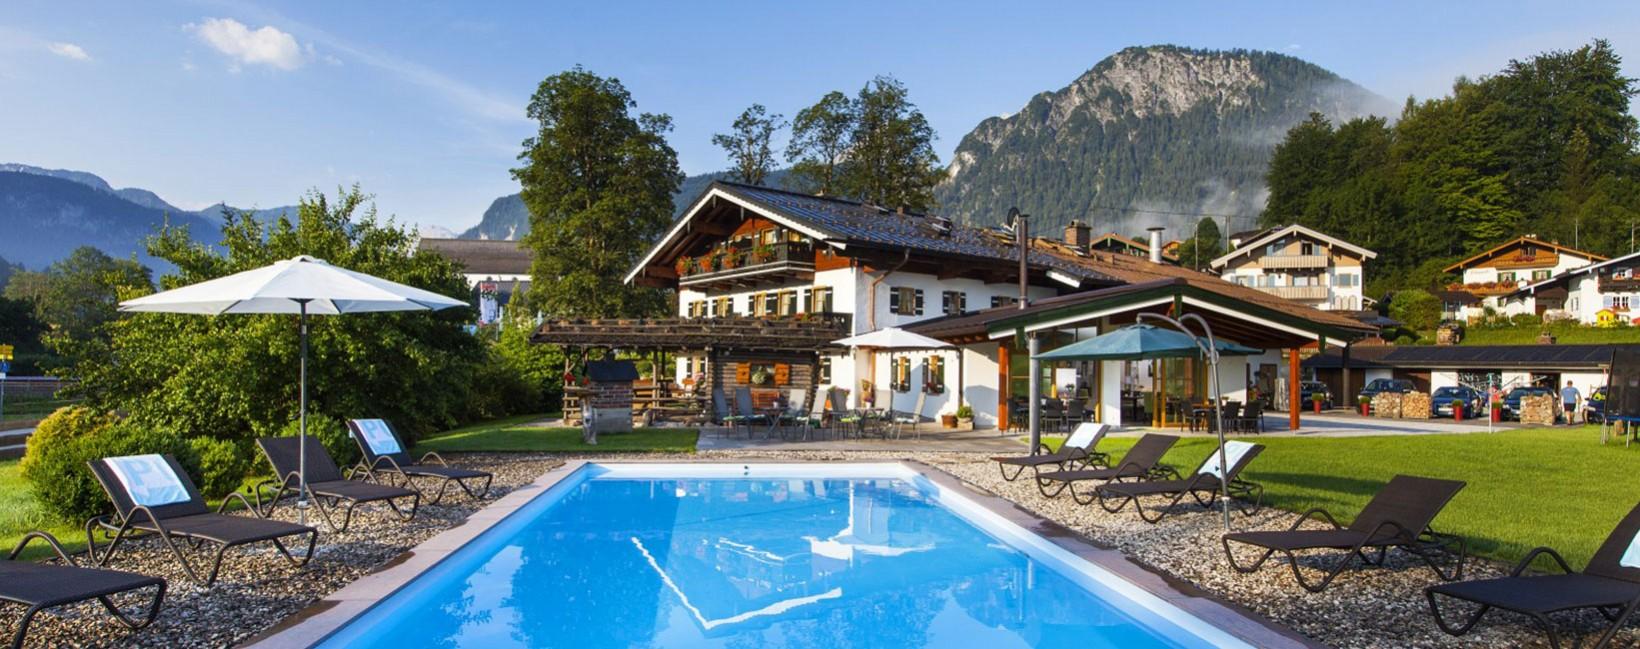 Gästehaus - Ferienwohnungen Egglerlehen Schönau am Königssee